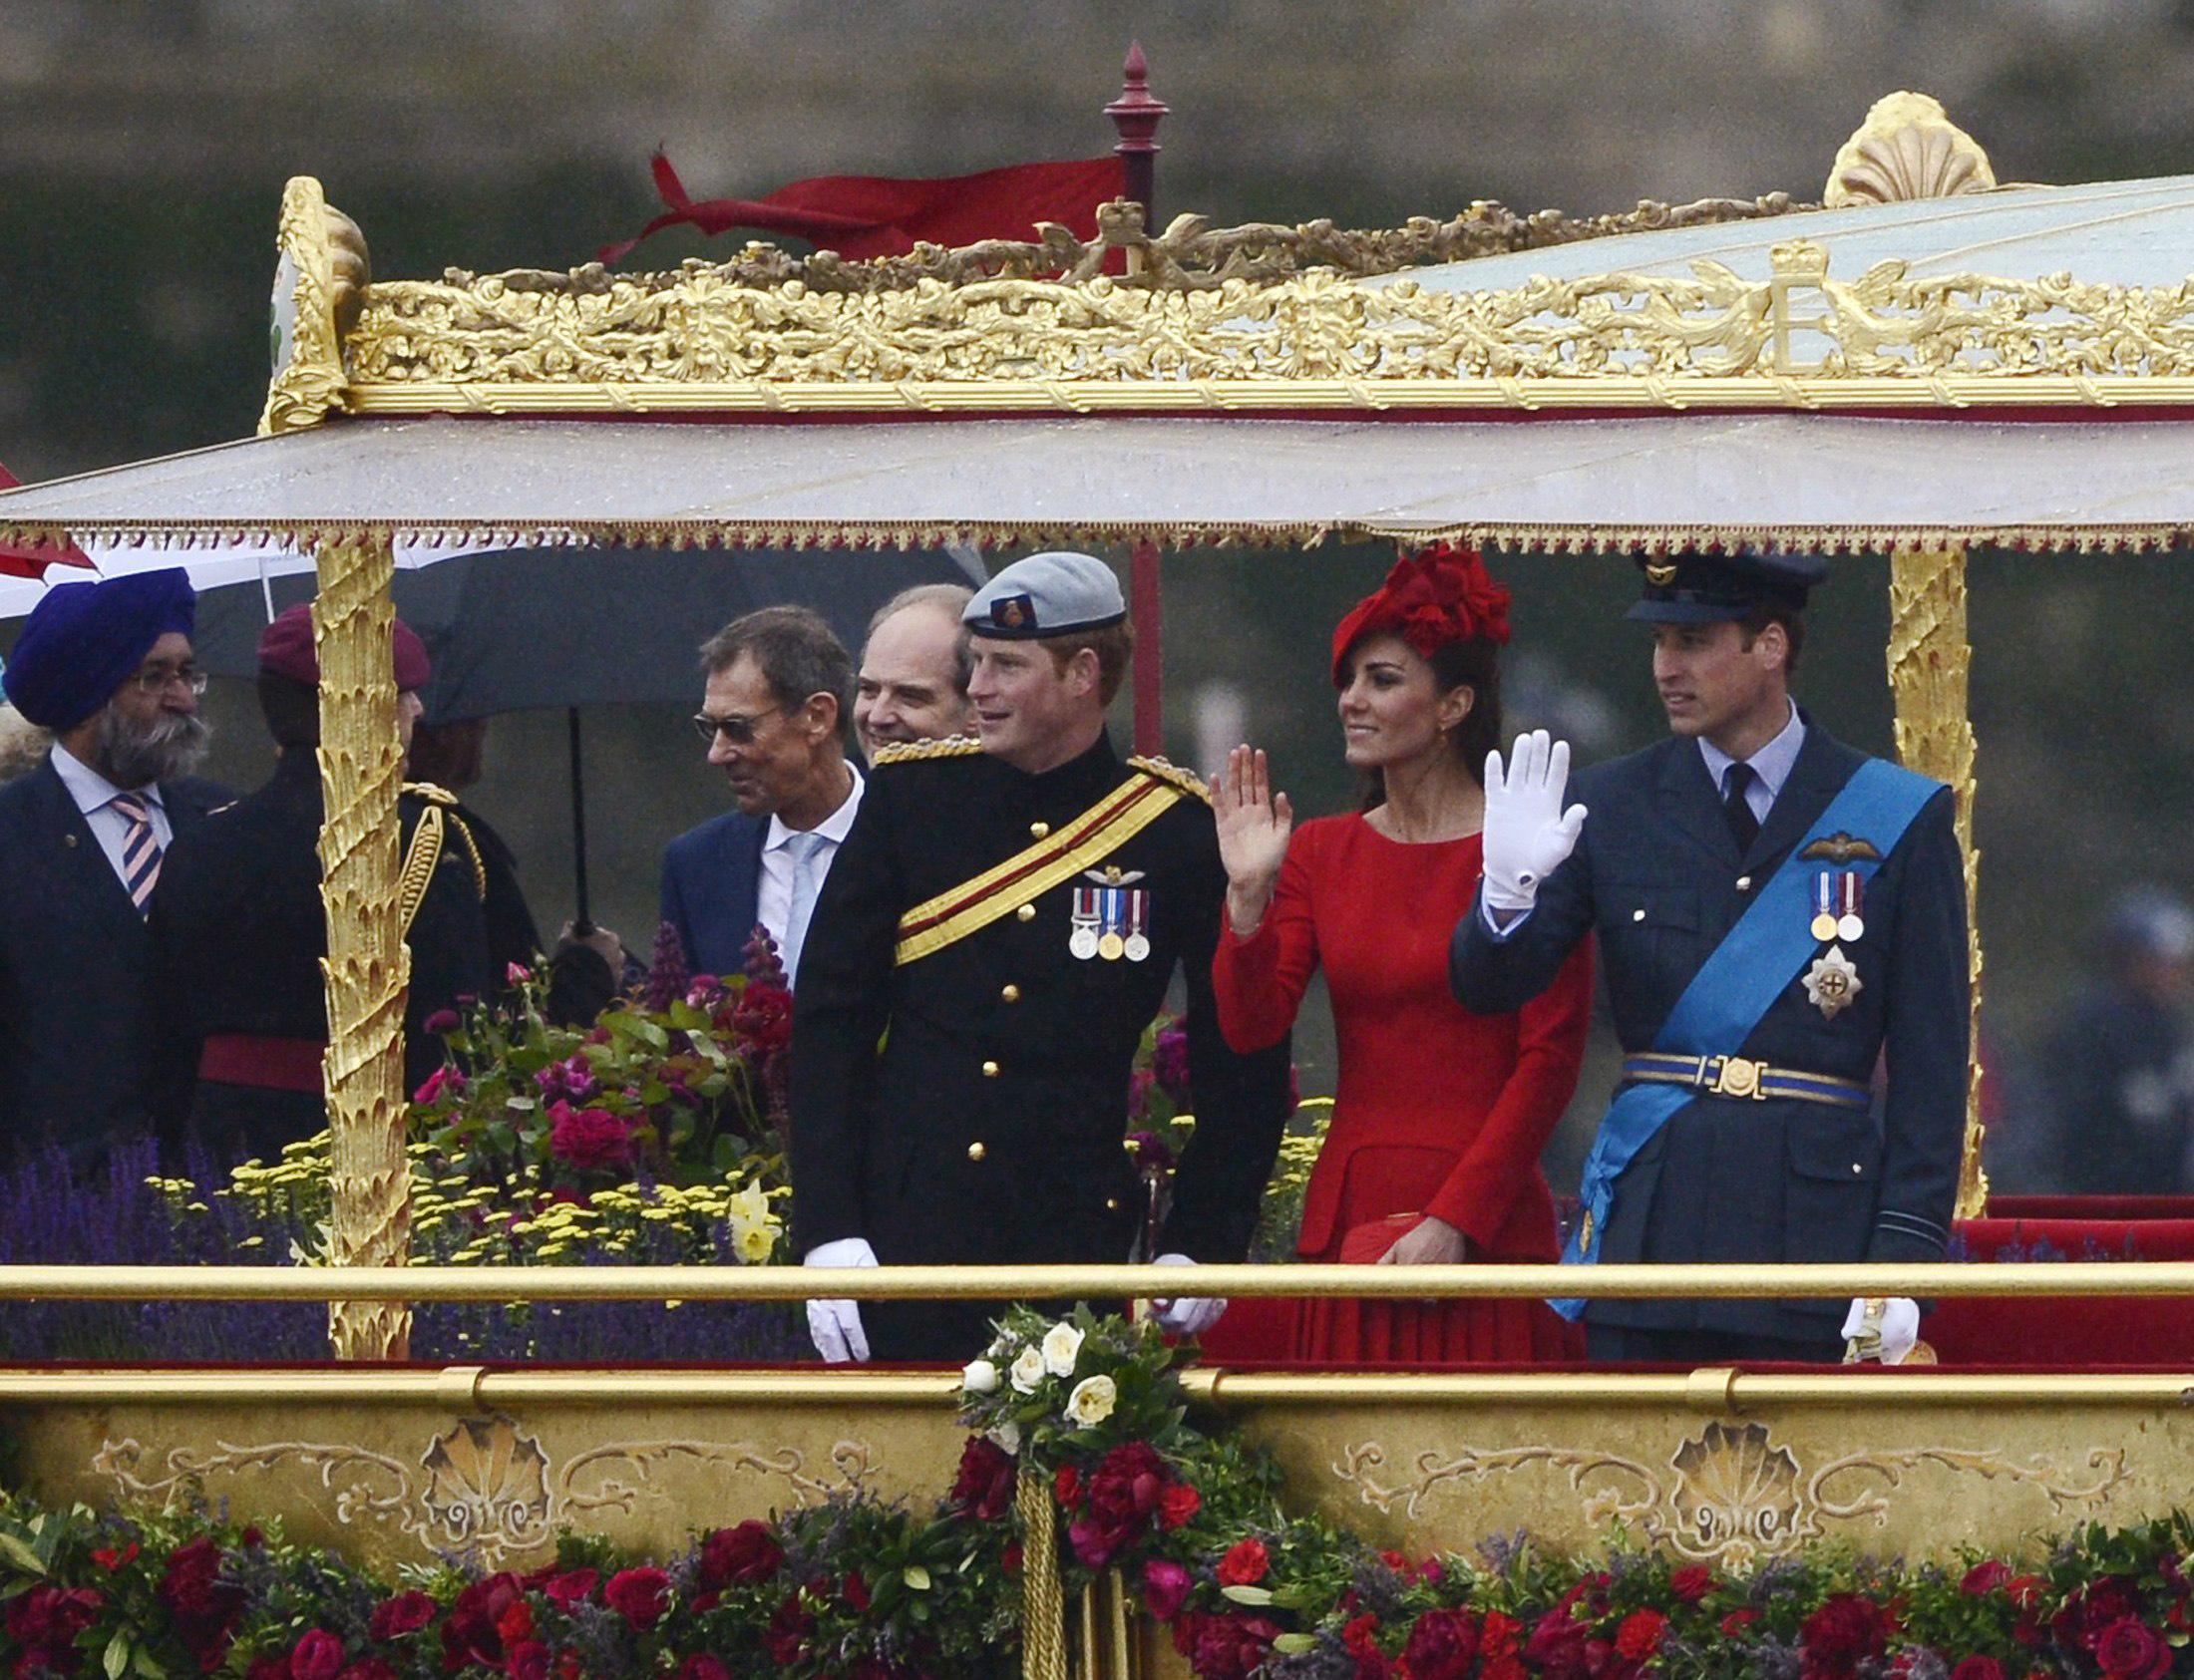 Aparitie surpriza la Jubileul de Diamant al Reginei. Prezenta acestui om starneste un scandal urias